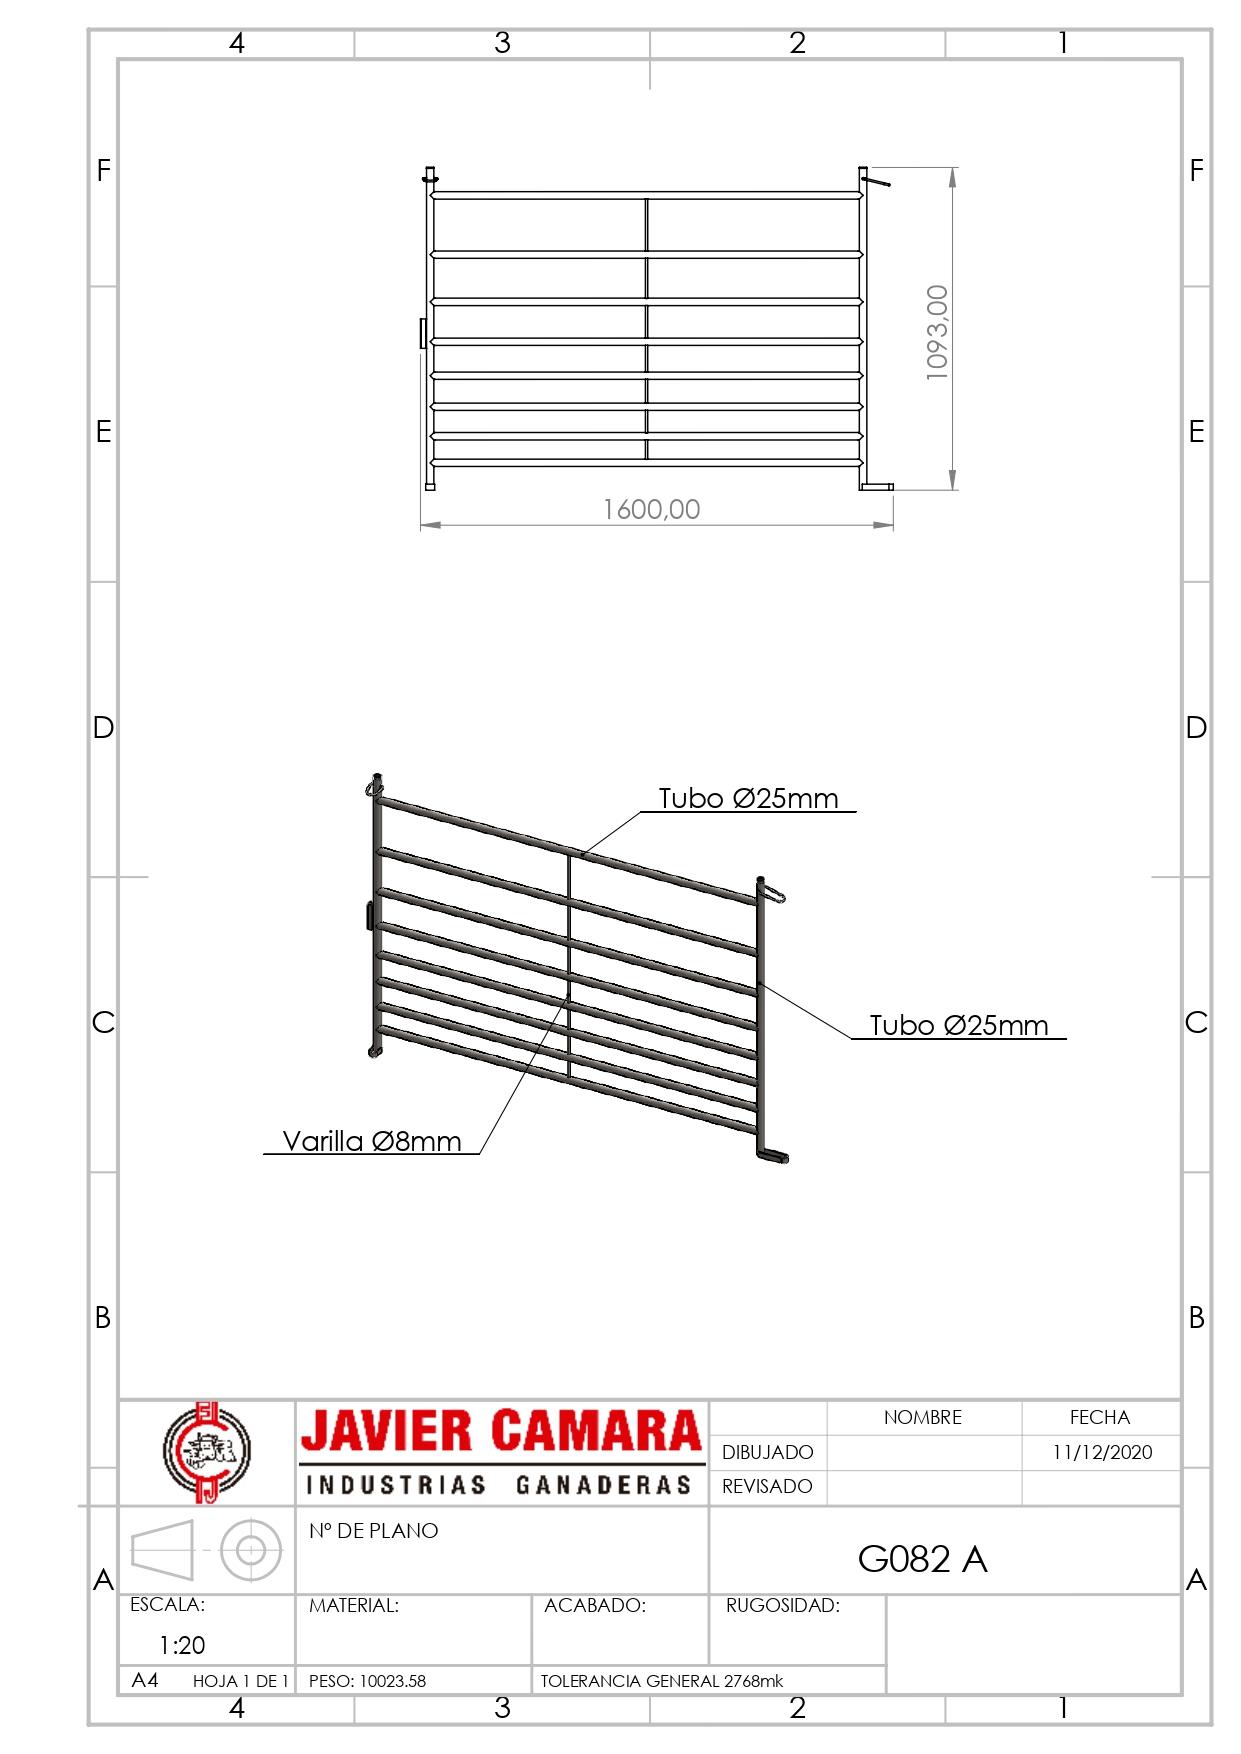 Javier Camara G008 - Componentes (1) - 4